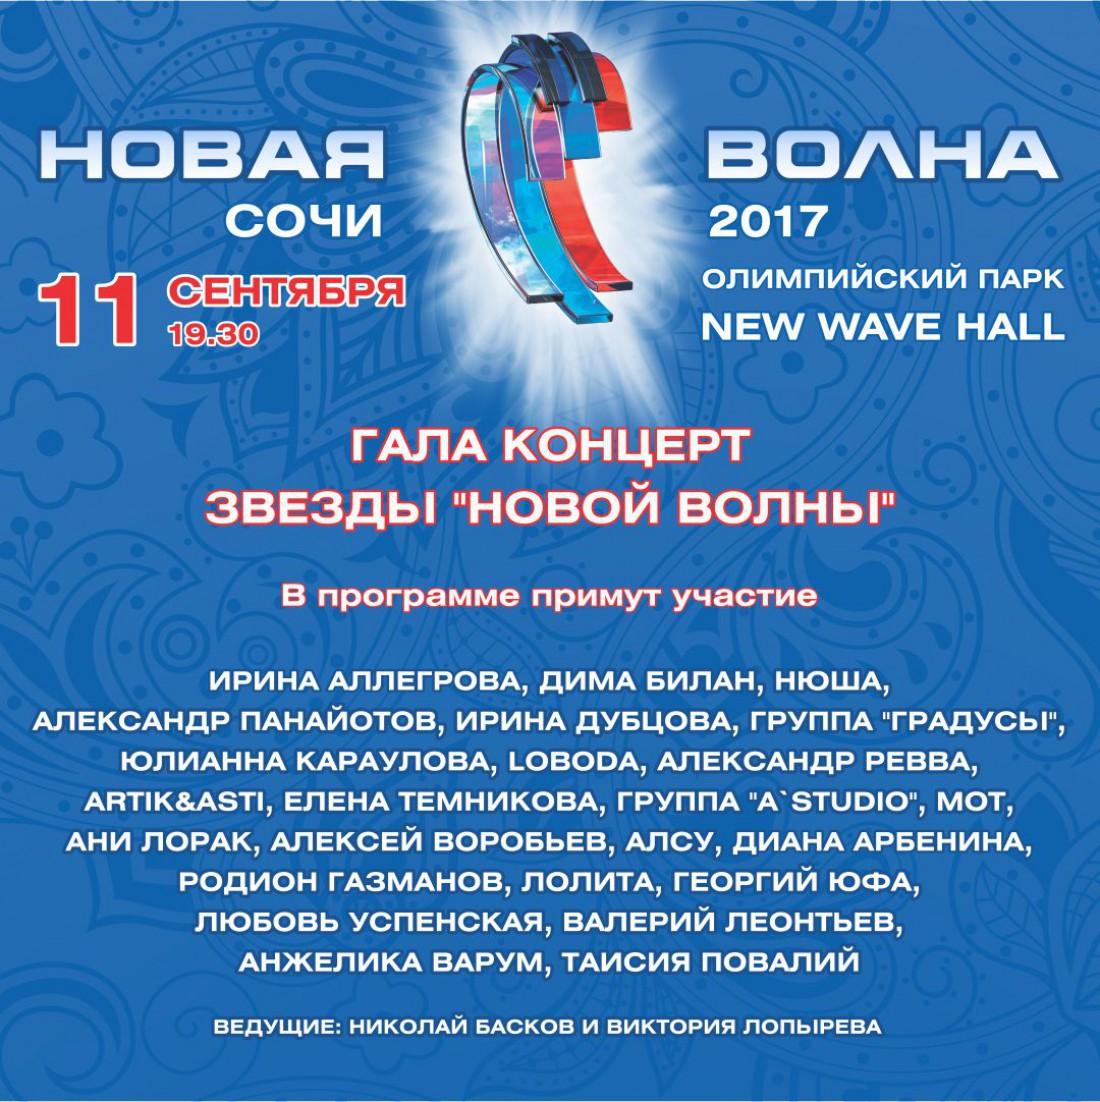 Новая волна 2017: список артистов Гала-концерта